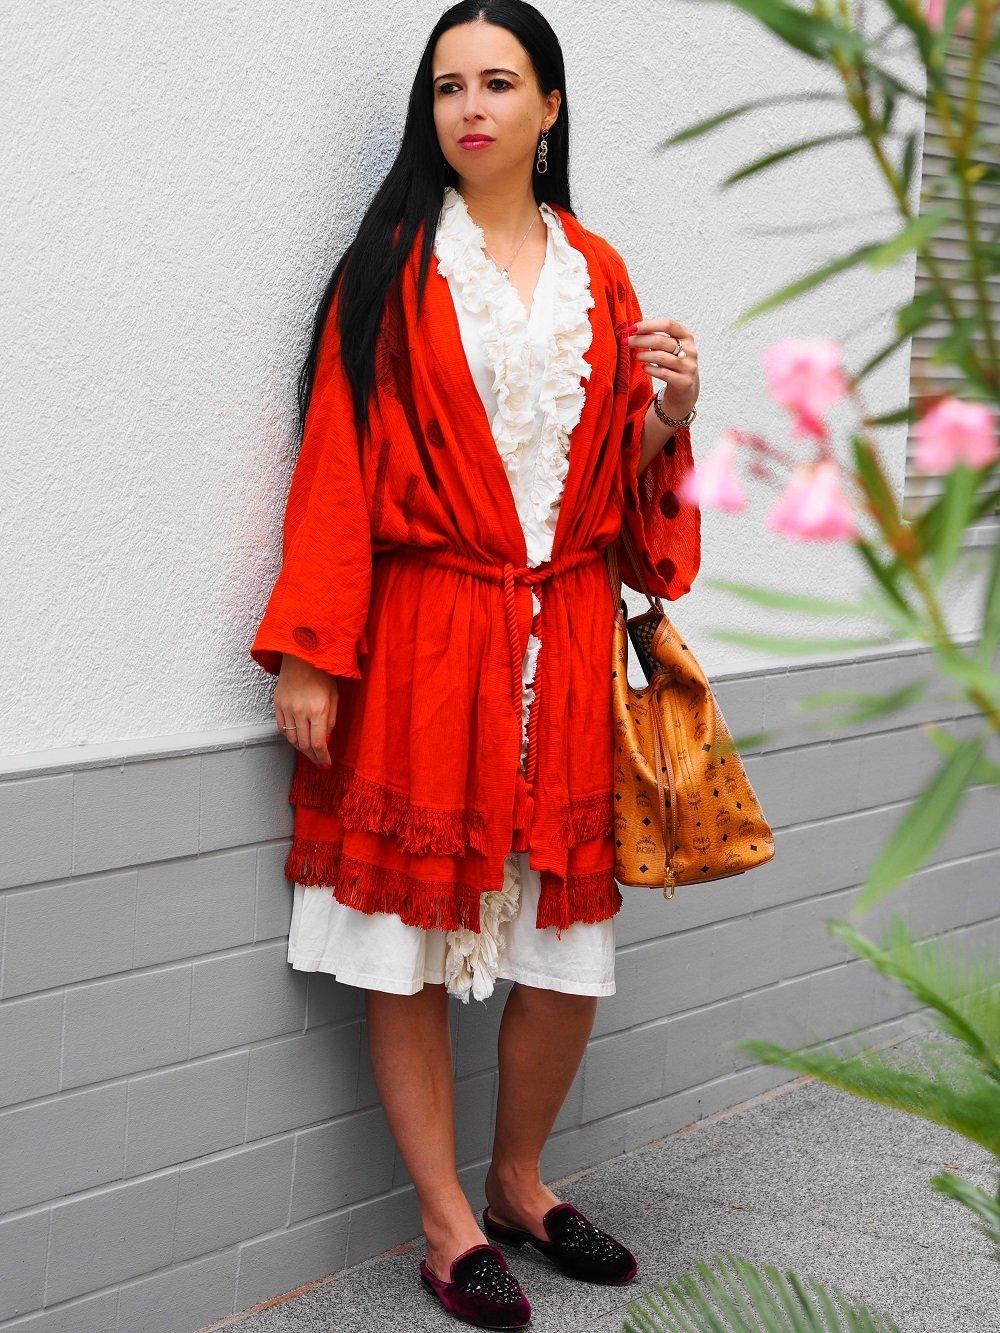 Heute zeige ich euch meinen roten Kimono von Edited-the label auf dem Blog, den ich zu einem süßen weißen Seidenkleid mit Rüschenverzierung kombiniert habe